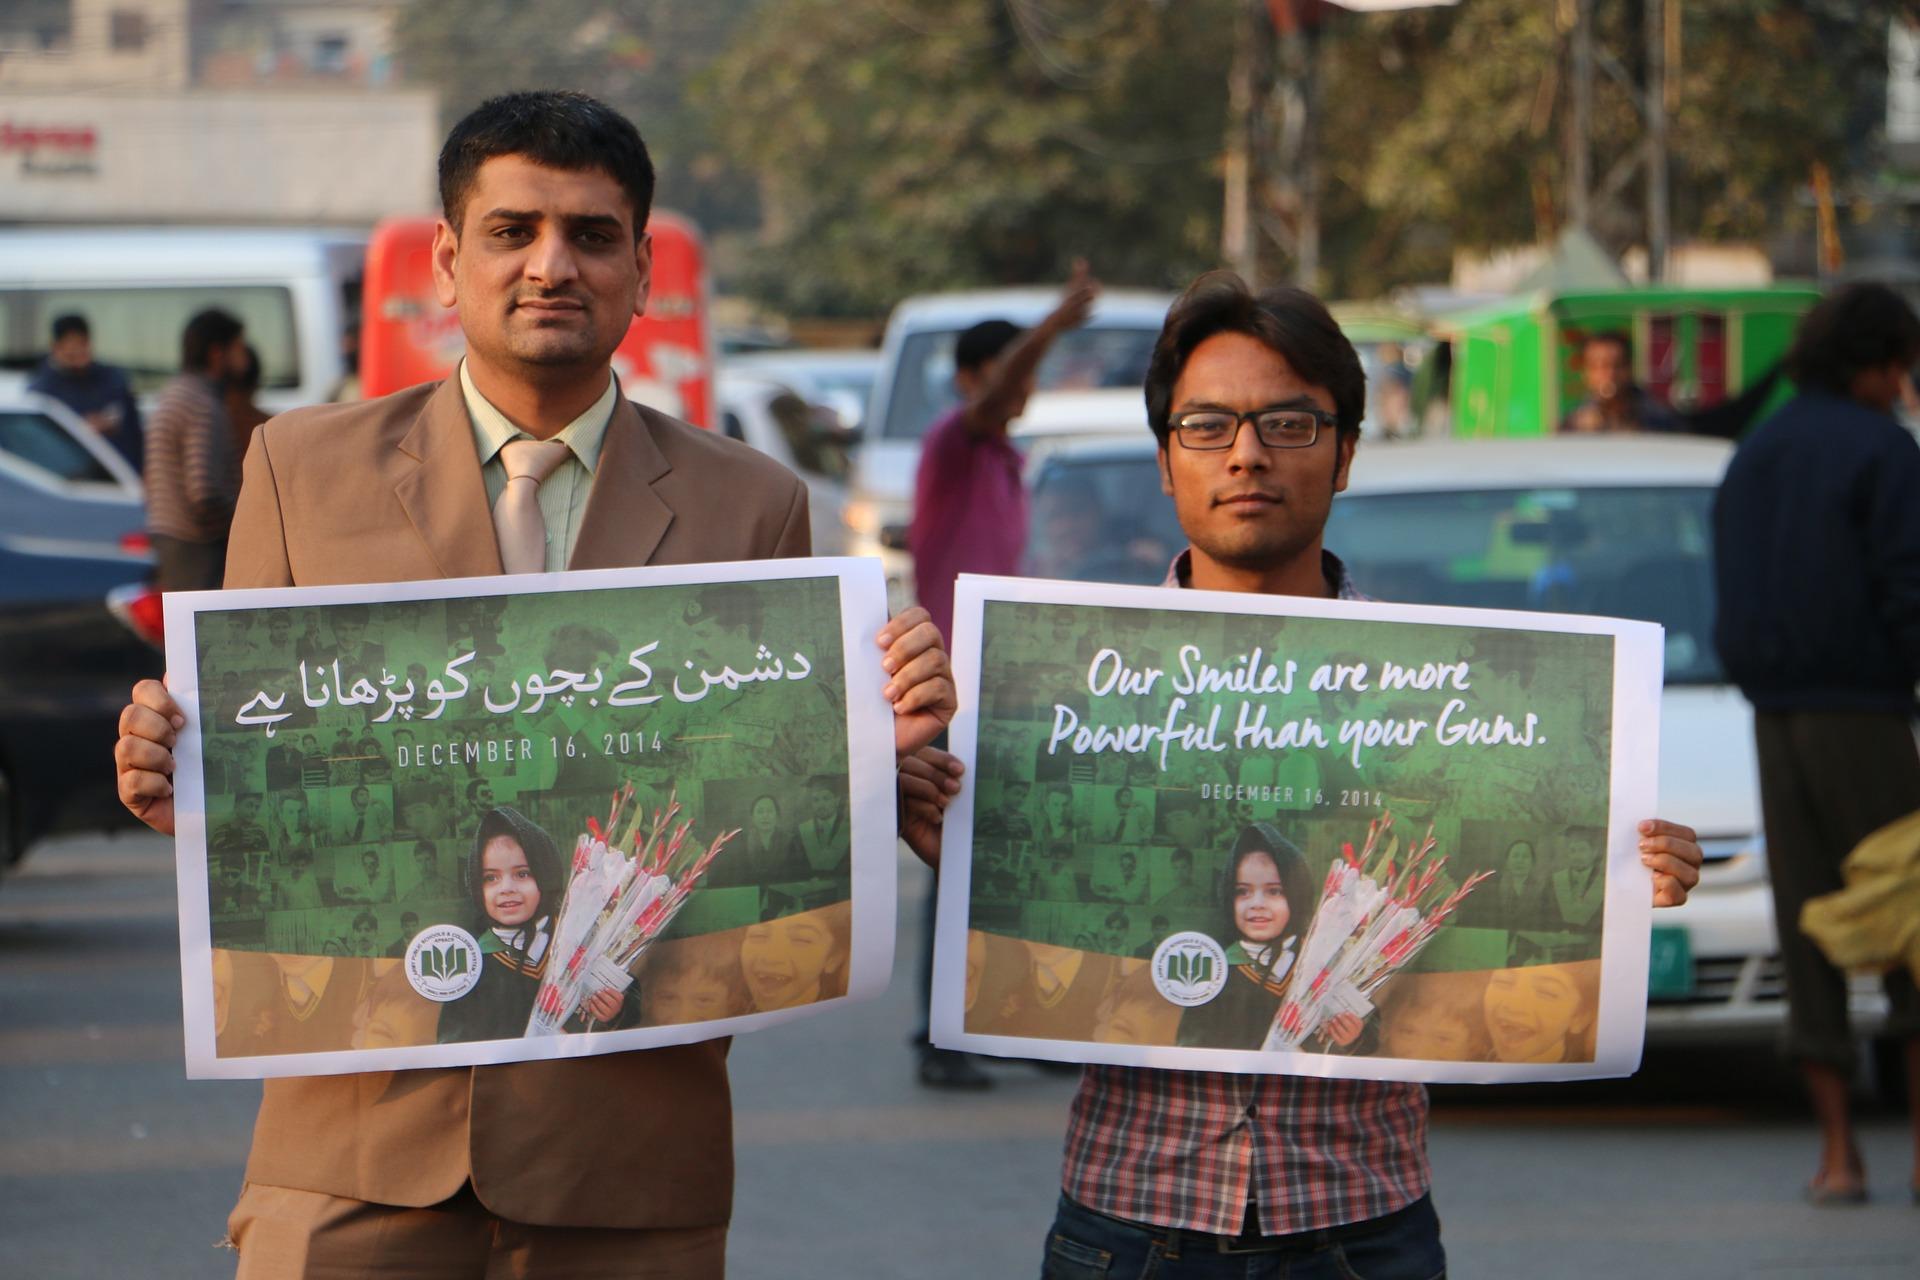 Peshawar attack provides Gospel opportunity